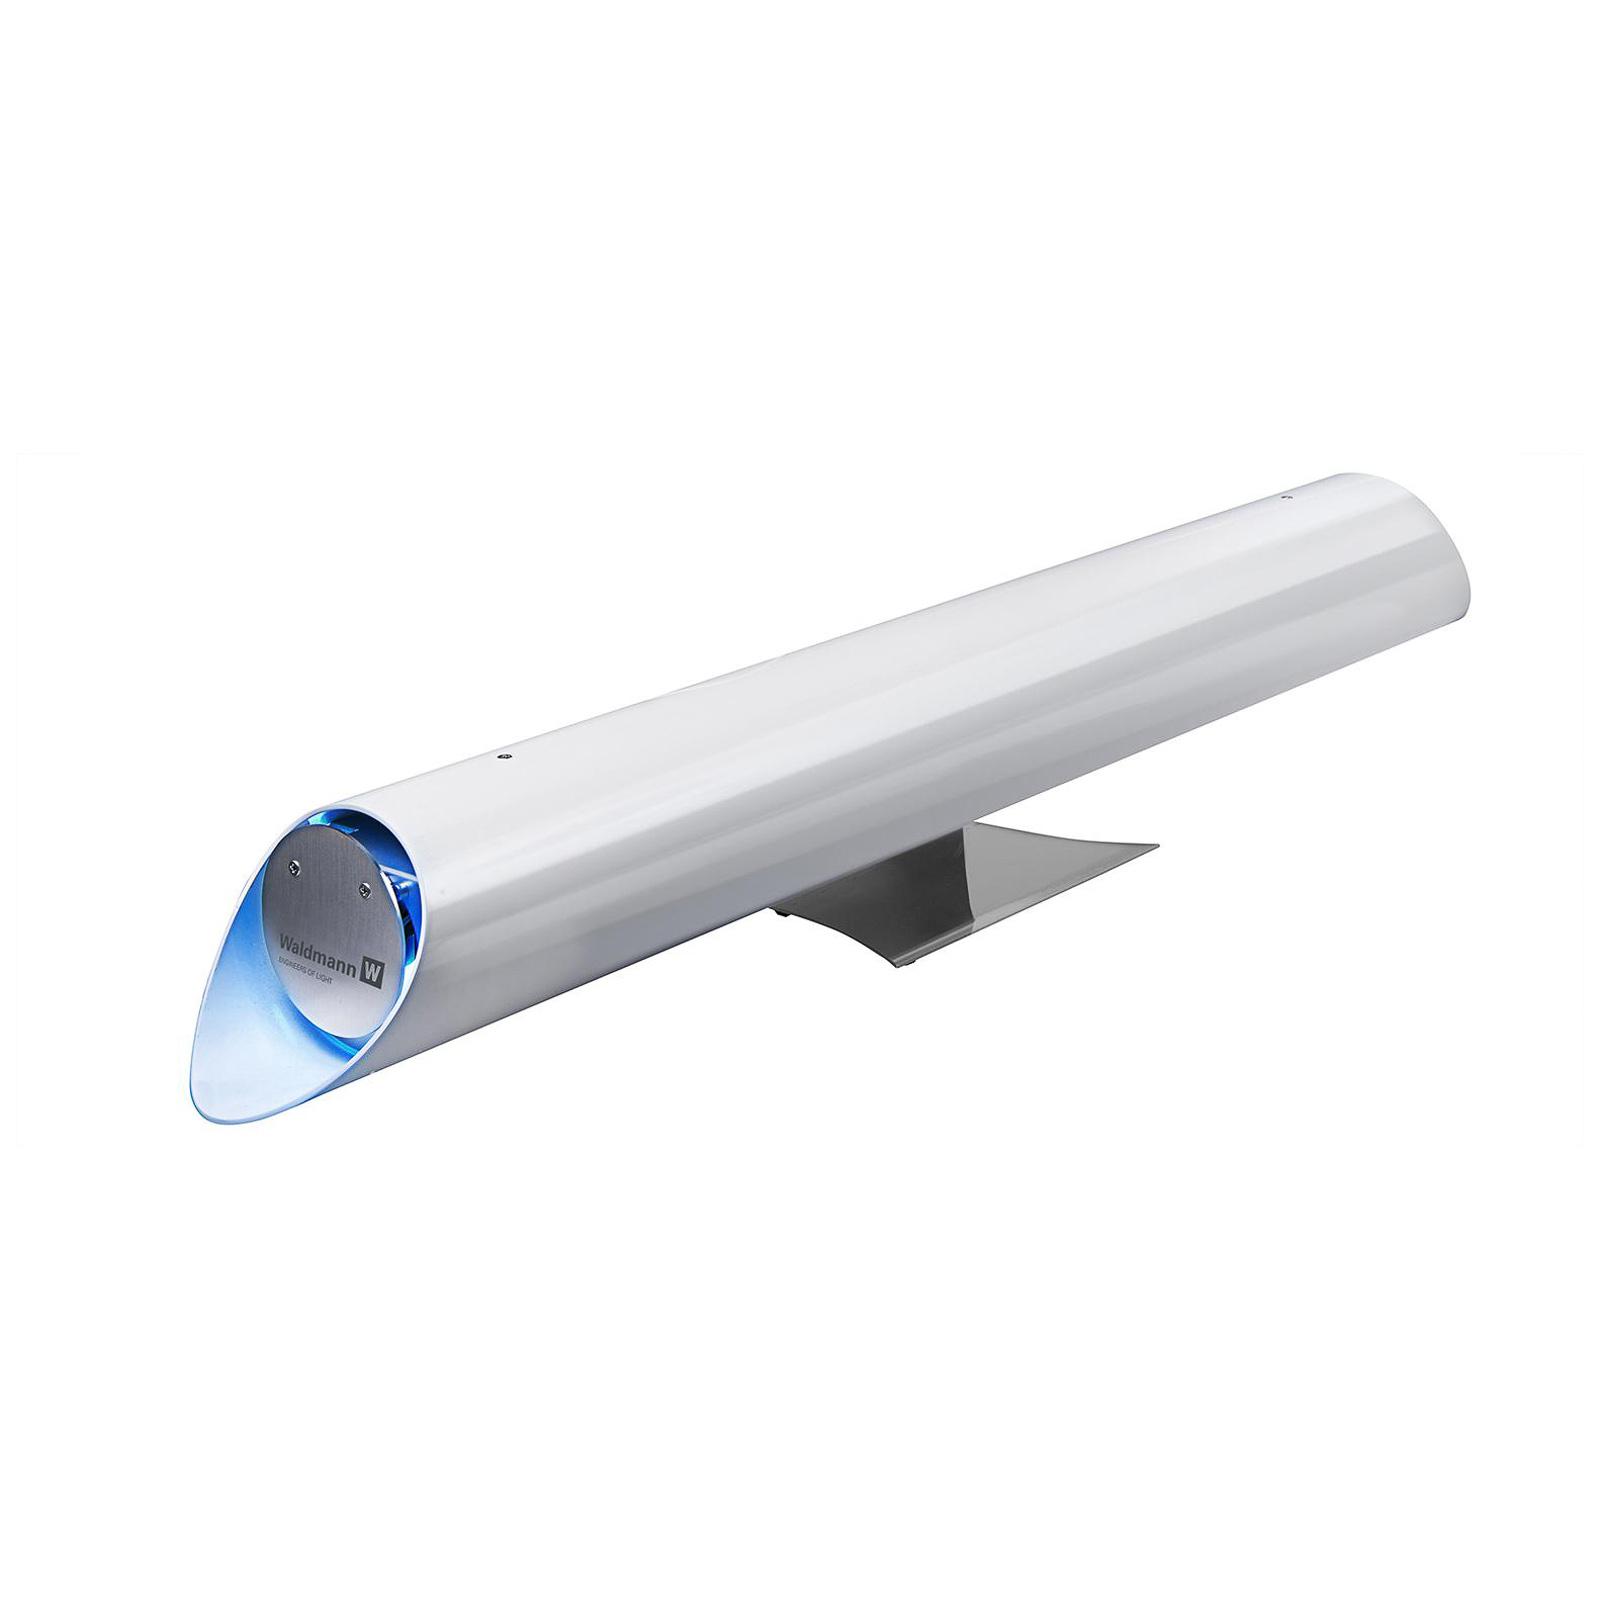 UV-C Luft-Desinfektionsleuchte ZAPP!80, 70m³/h